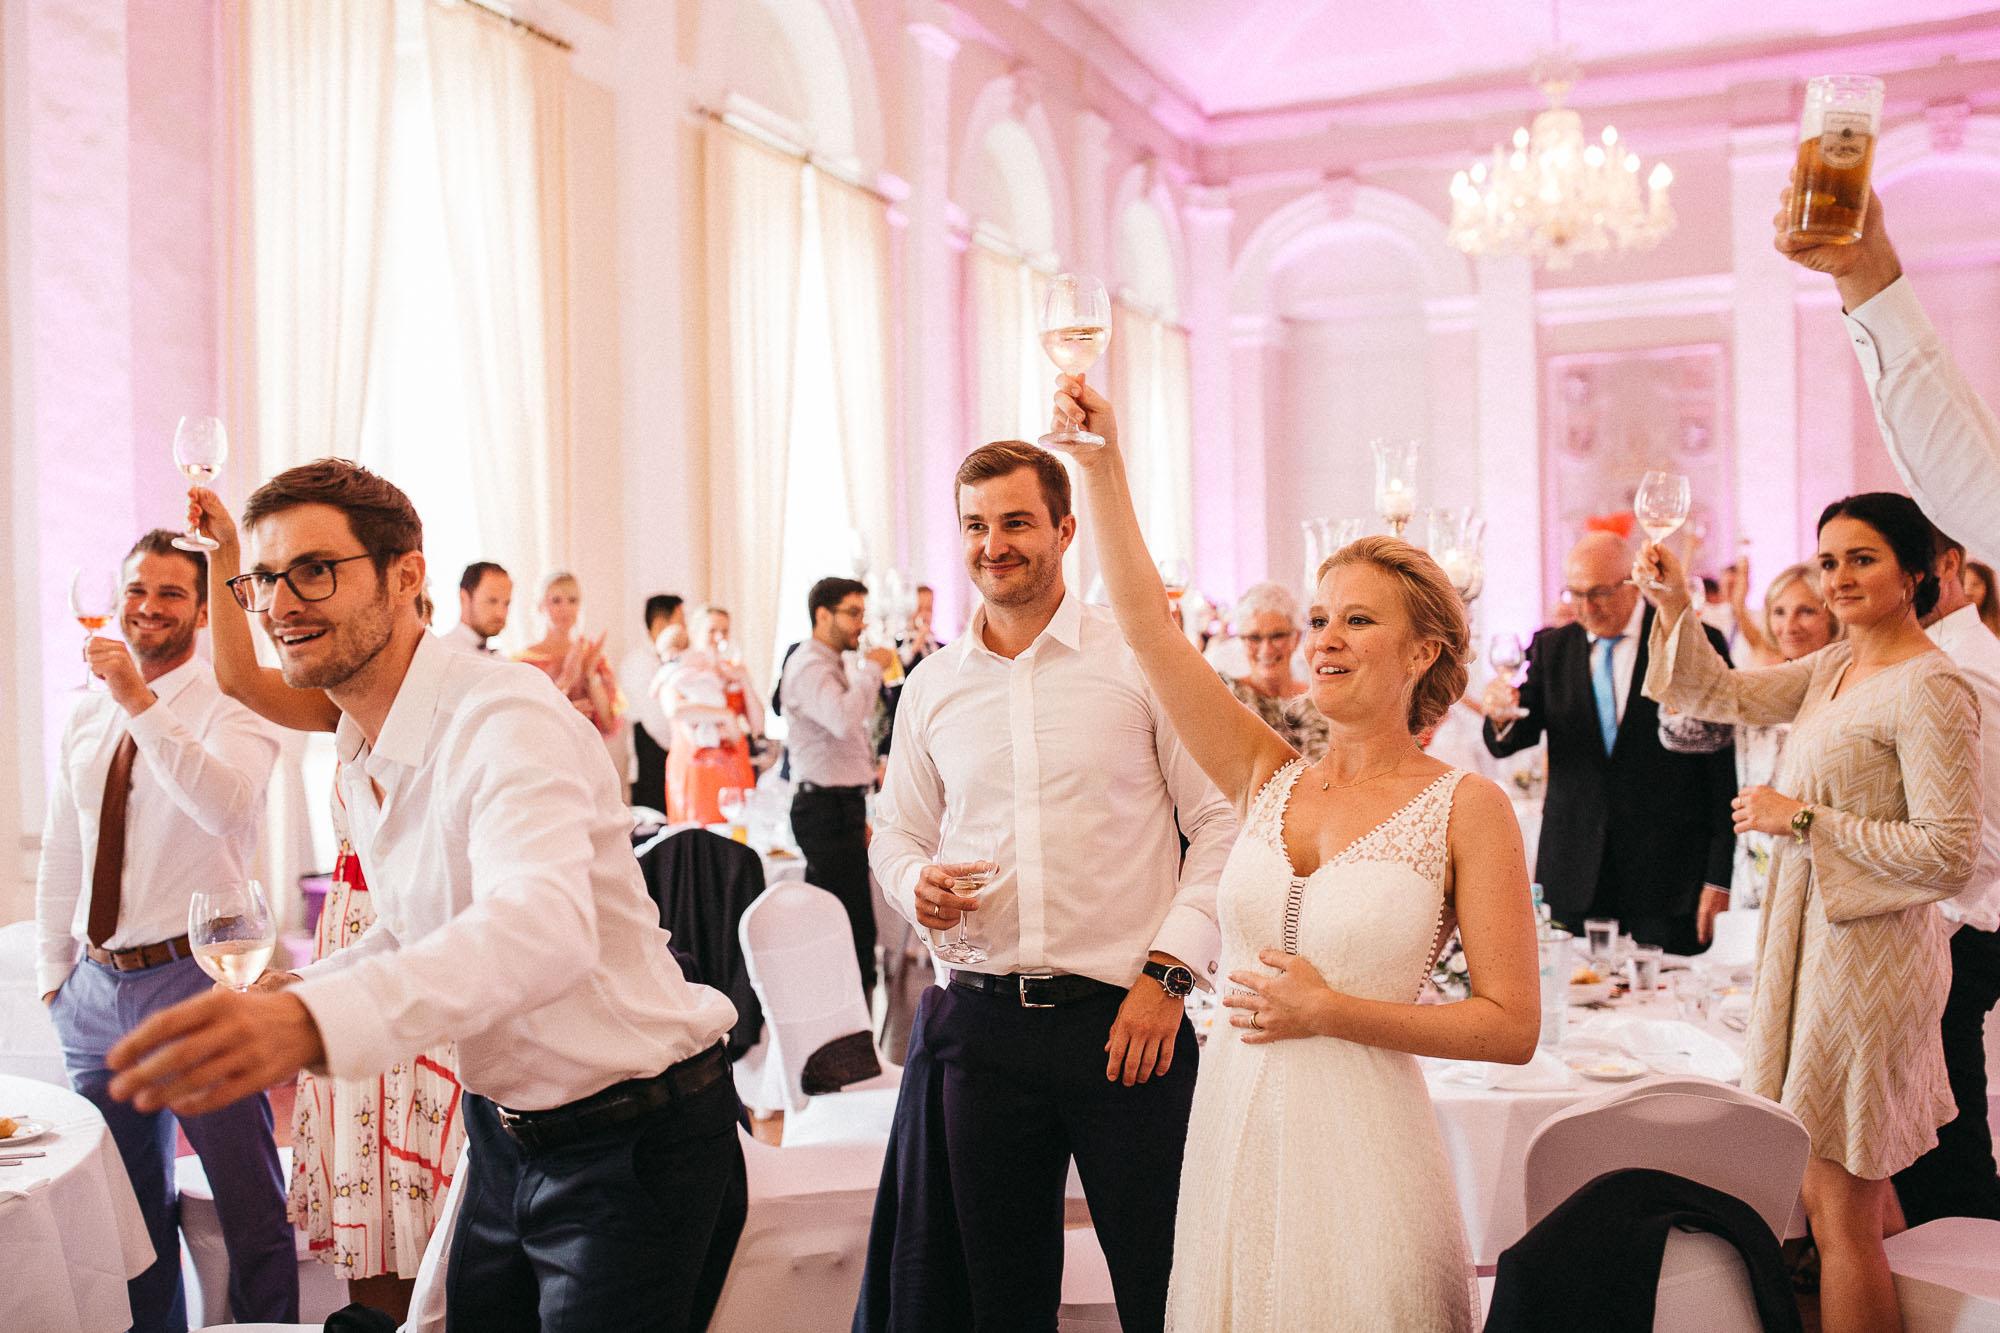 raissa simon photography wedding mosel kloster machern love authentic 668 - Kathrin + Dominik